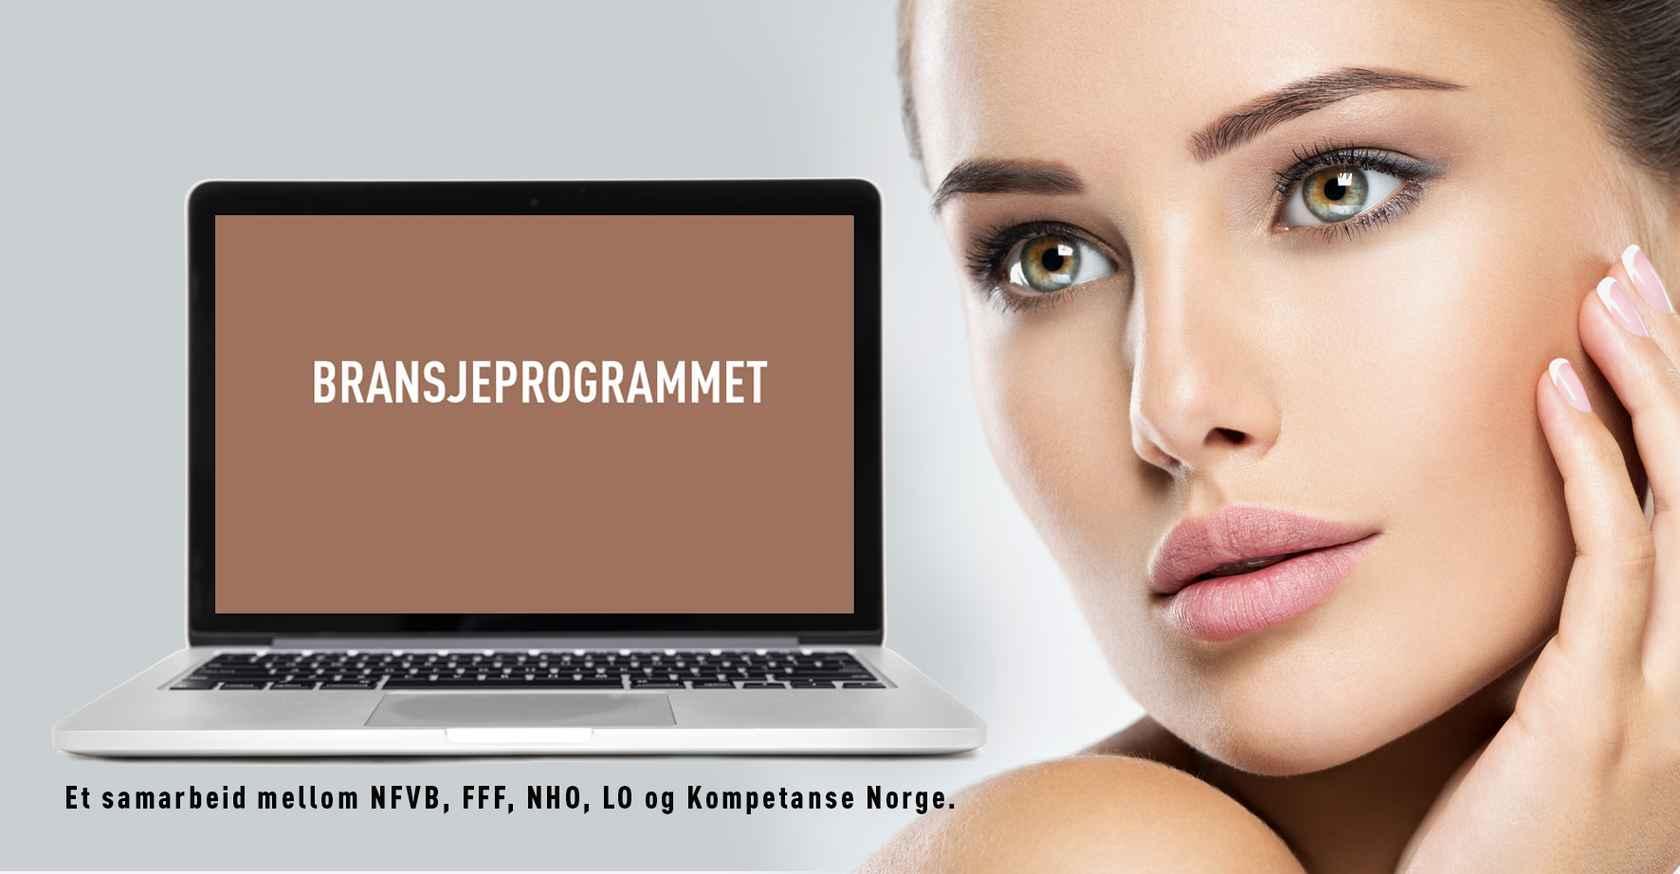 Bransjeprogrammer-hud-11 c